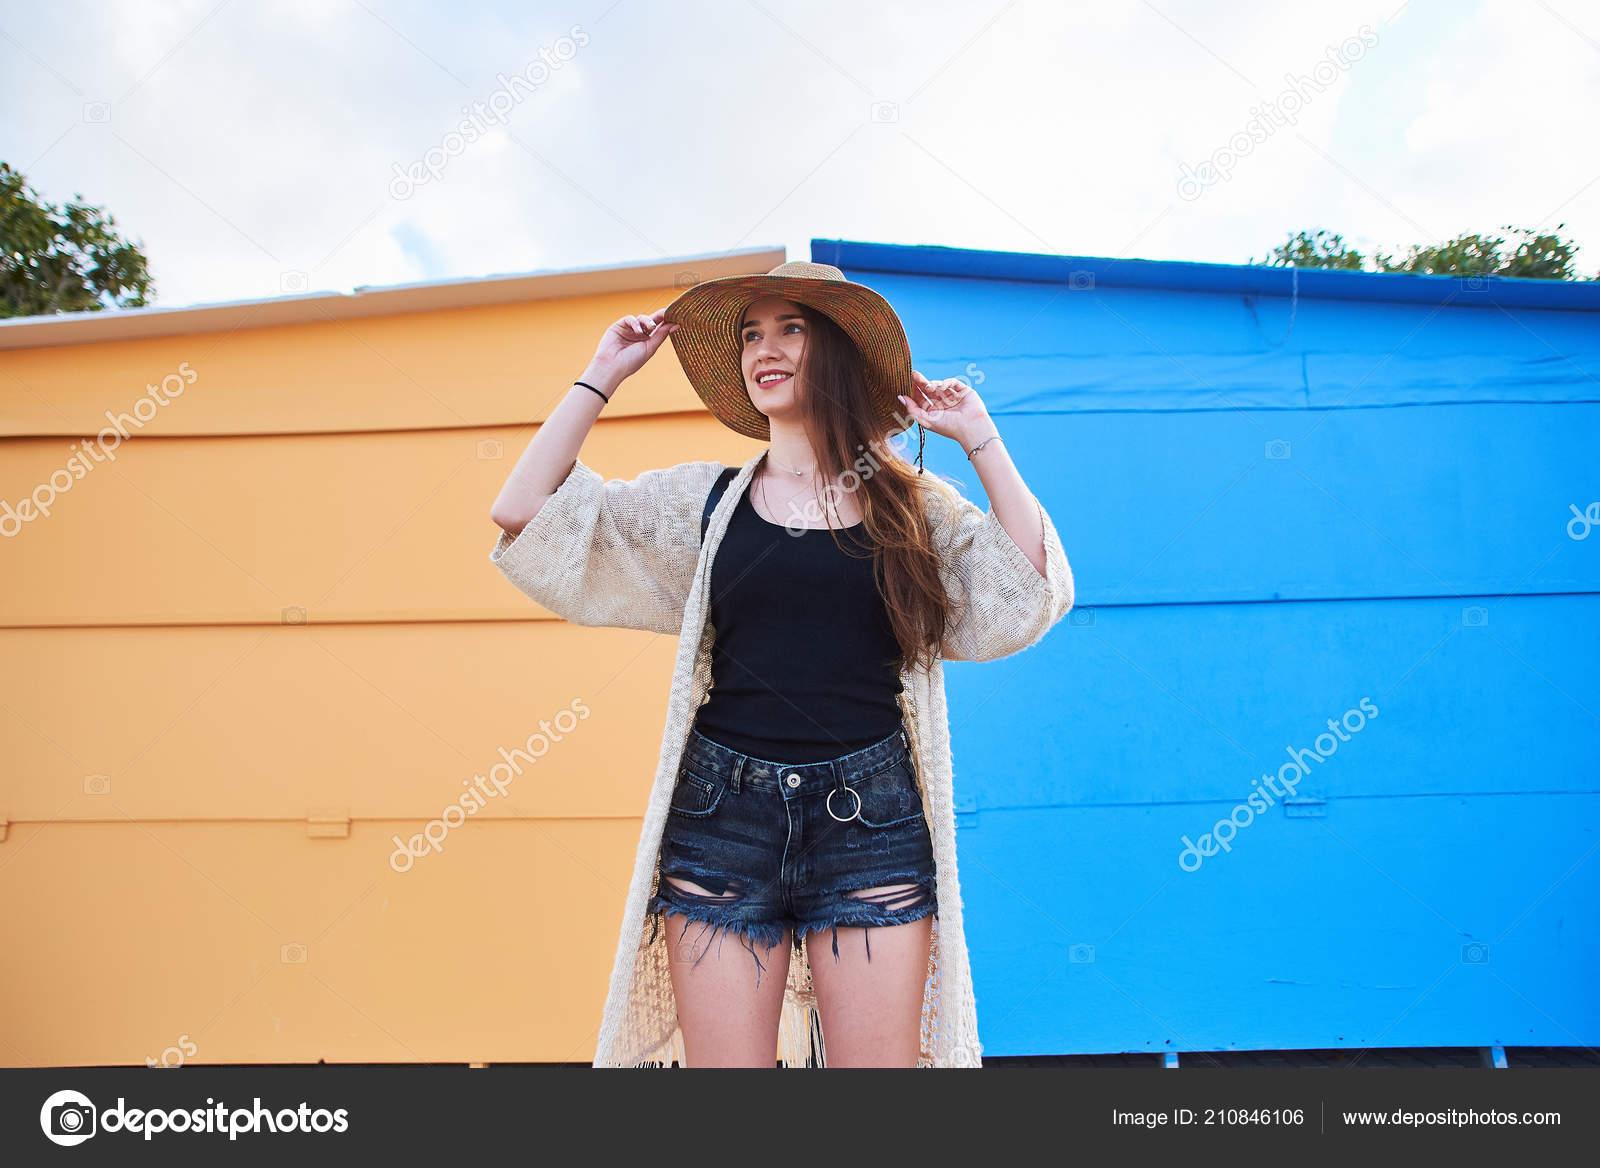 4249042fd78a Νέα Ελκυστική Γυναίκα Φοράει Μοντέρνα Ρούχα Σορτς Και Ψάθινο Καπέλο —  Φωτογραφία Αρχείου